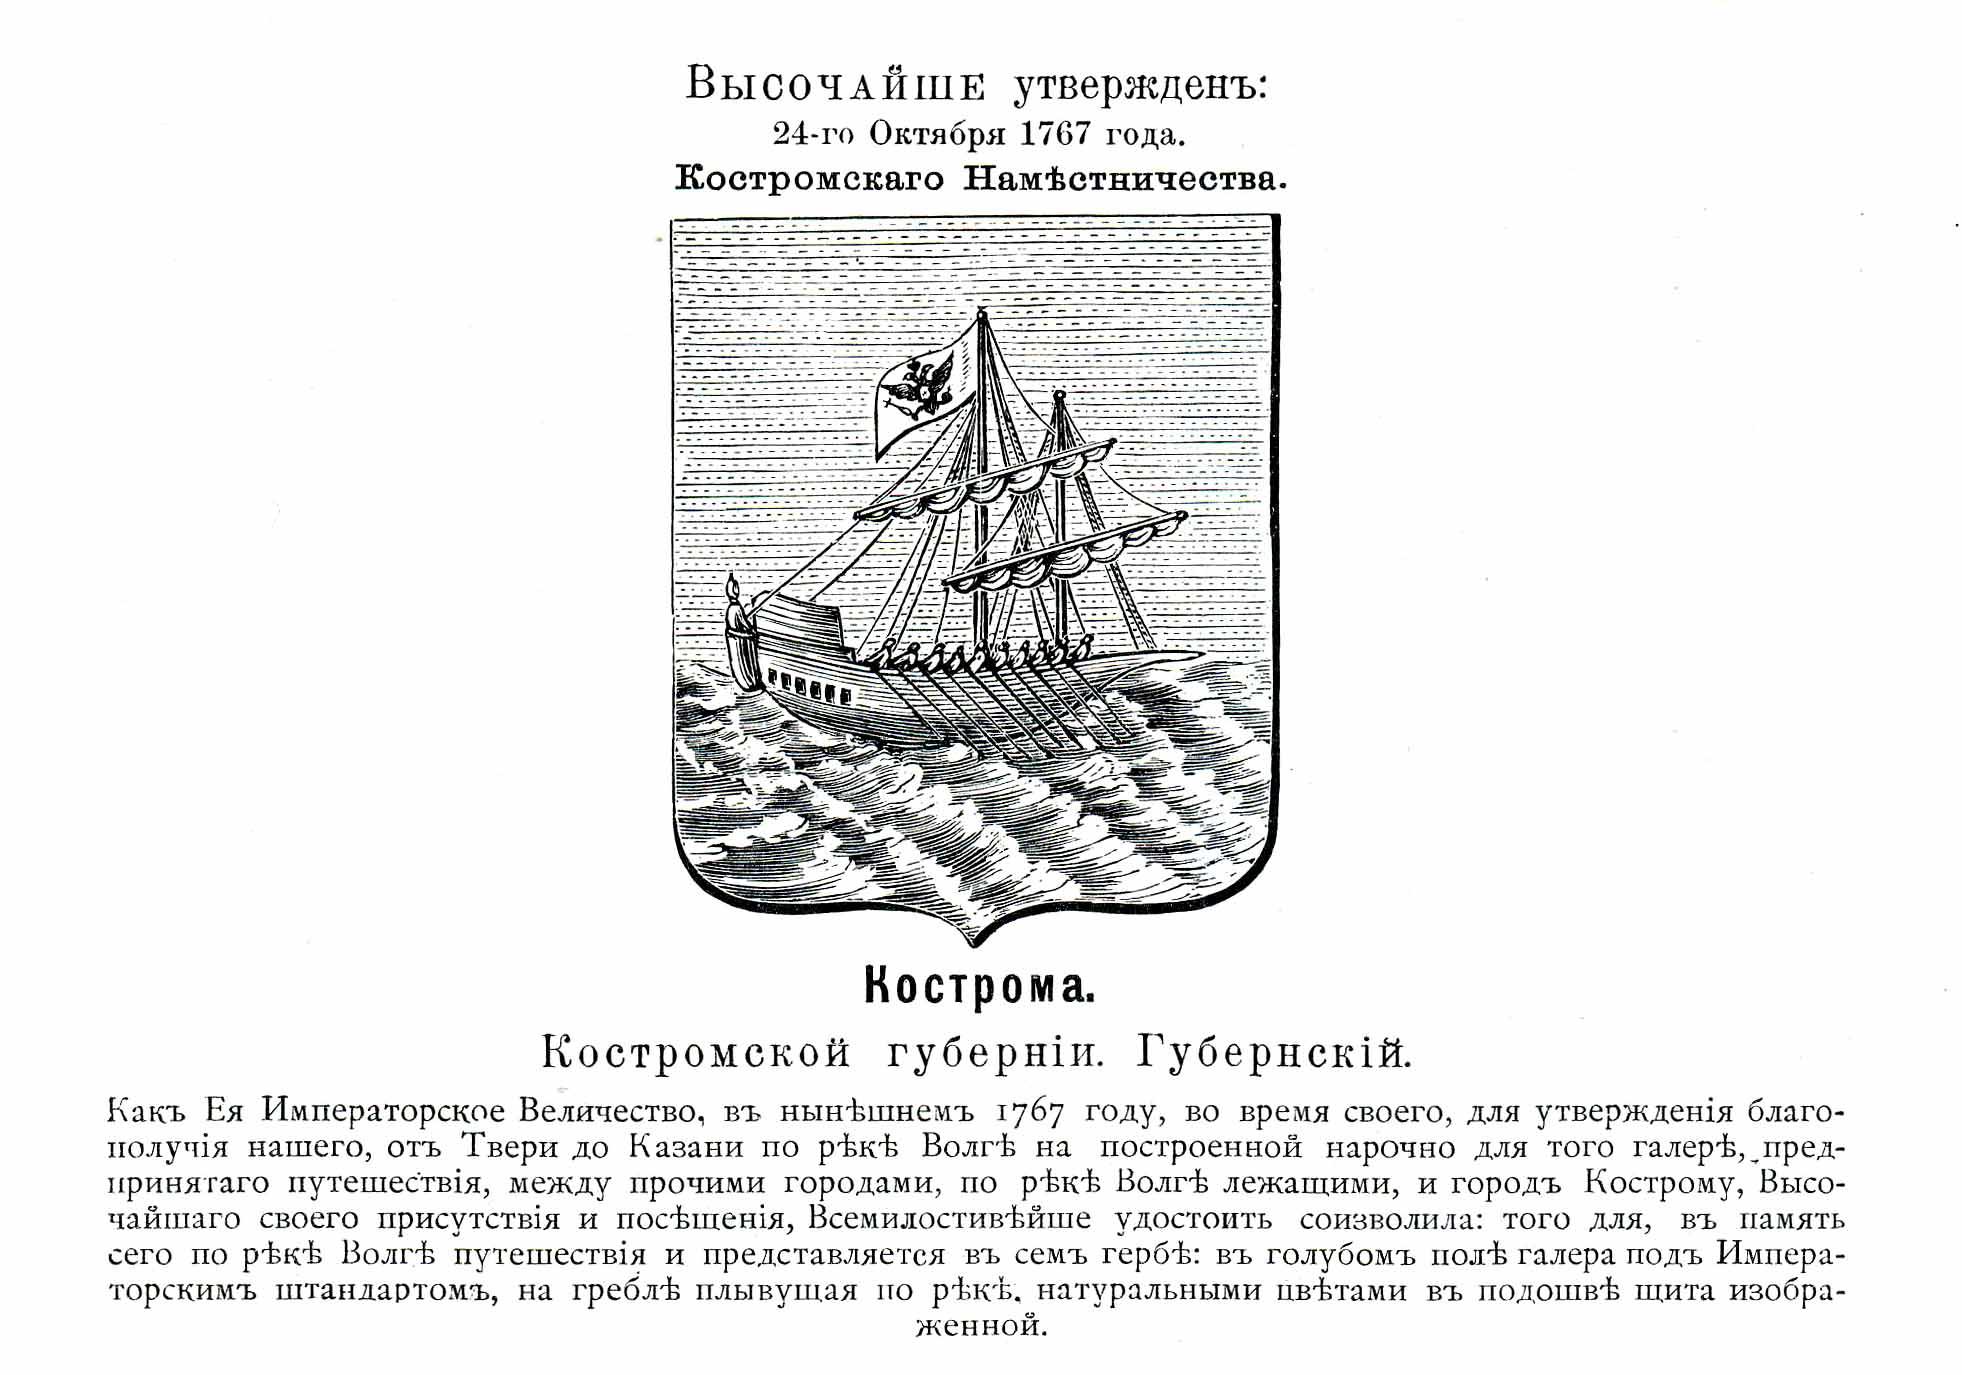 Картинки по запросу 14 мая 1767 года флотилия кораблей подплыла к городу Кострома с екатериной 2.